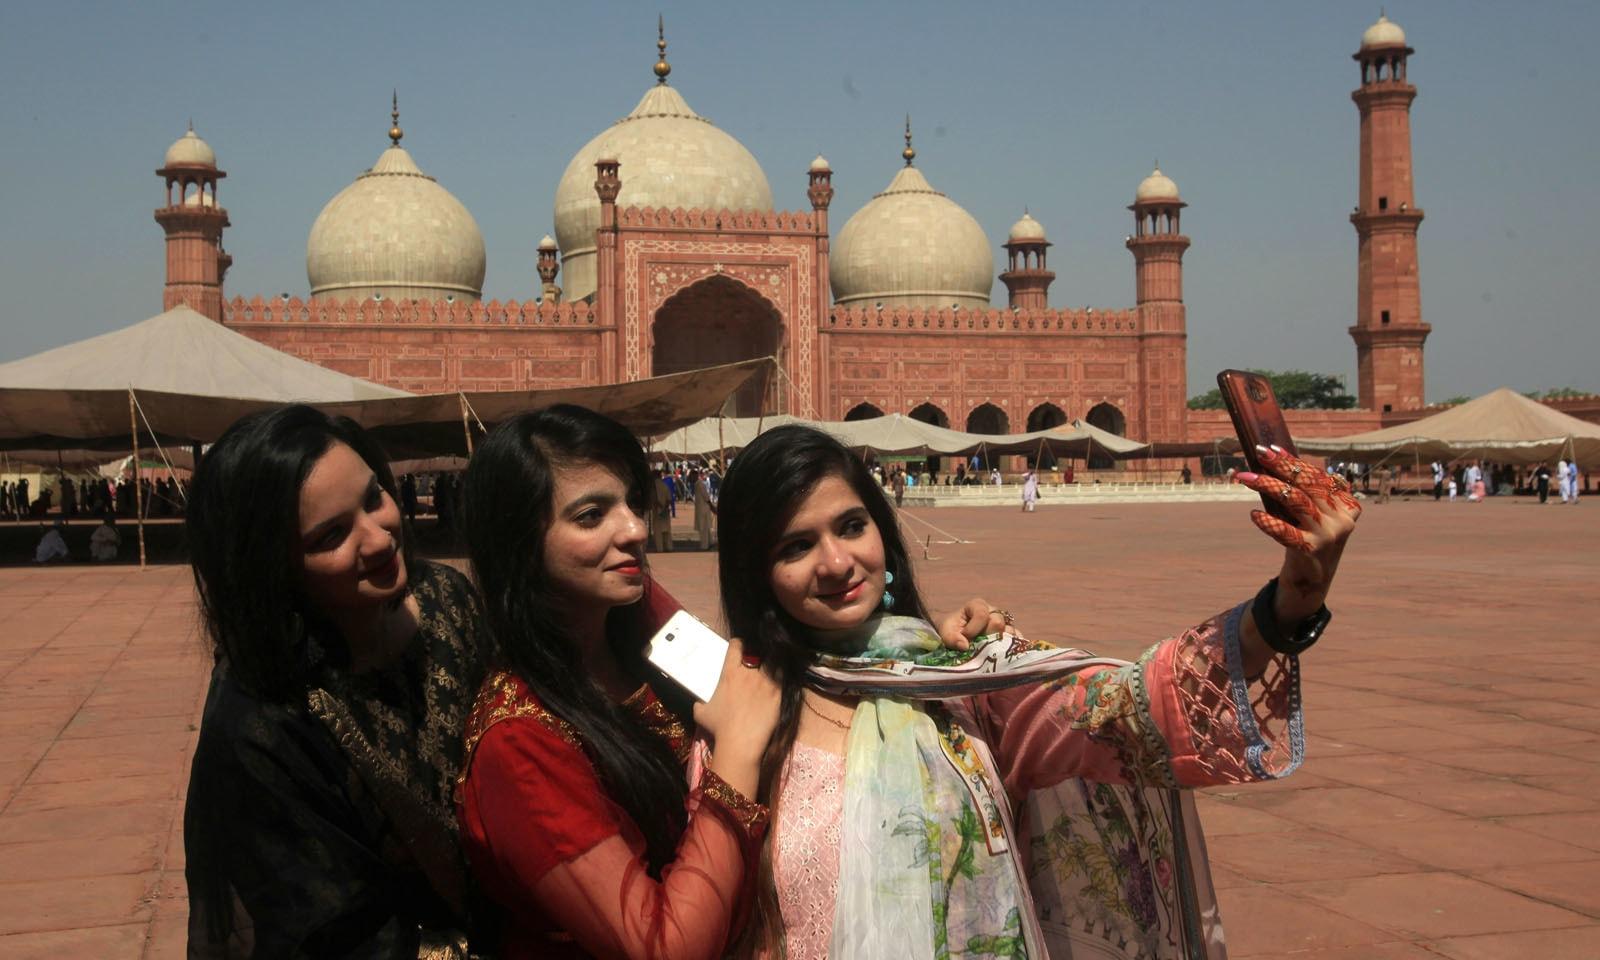 خواتین نے عید کی تیاری کے بعد سیلفیاں بھی لیں —فوٹو/ رائٹرز